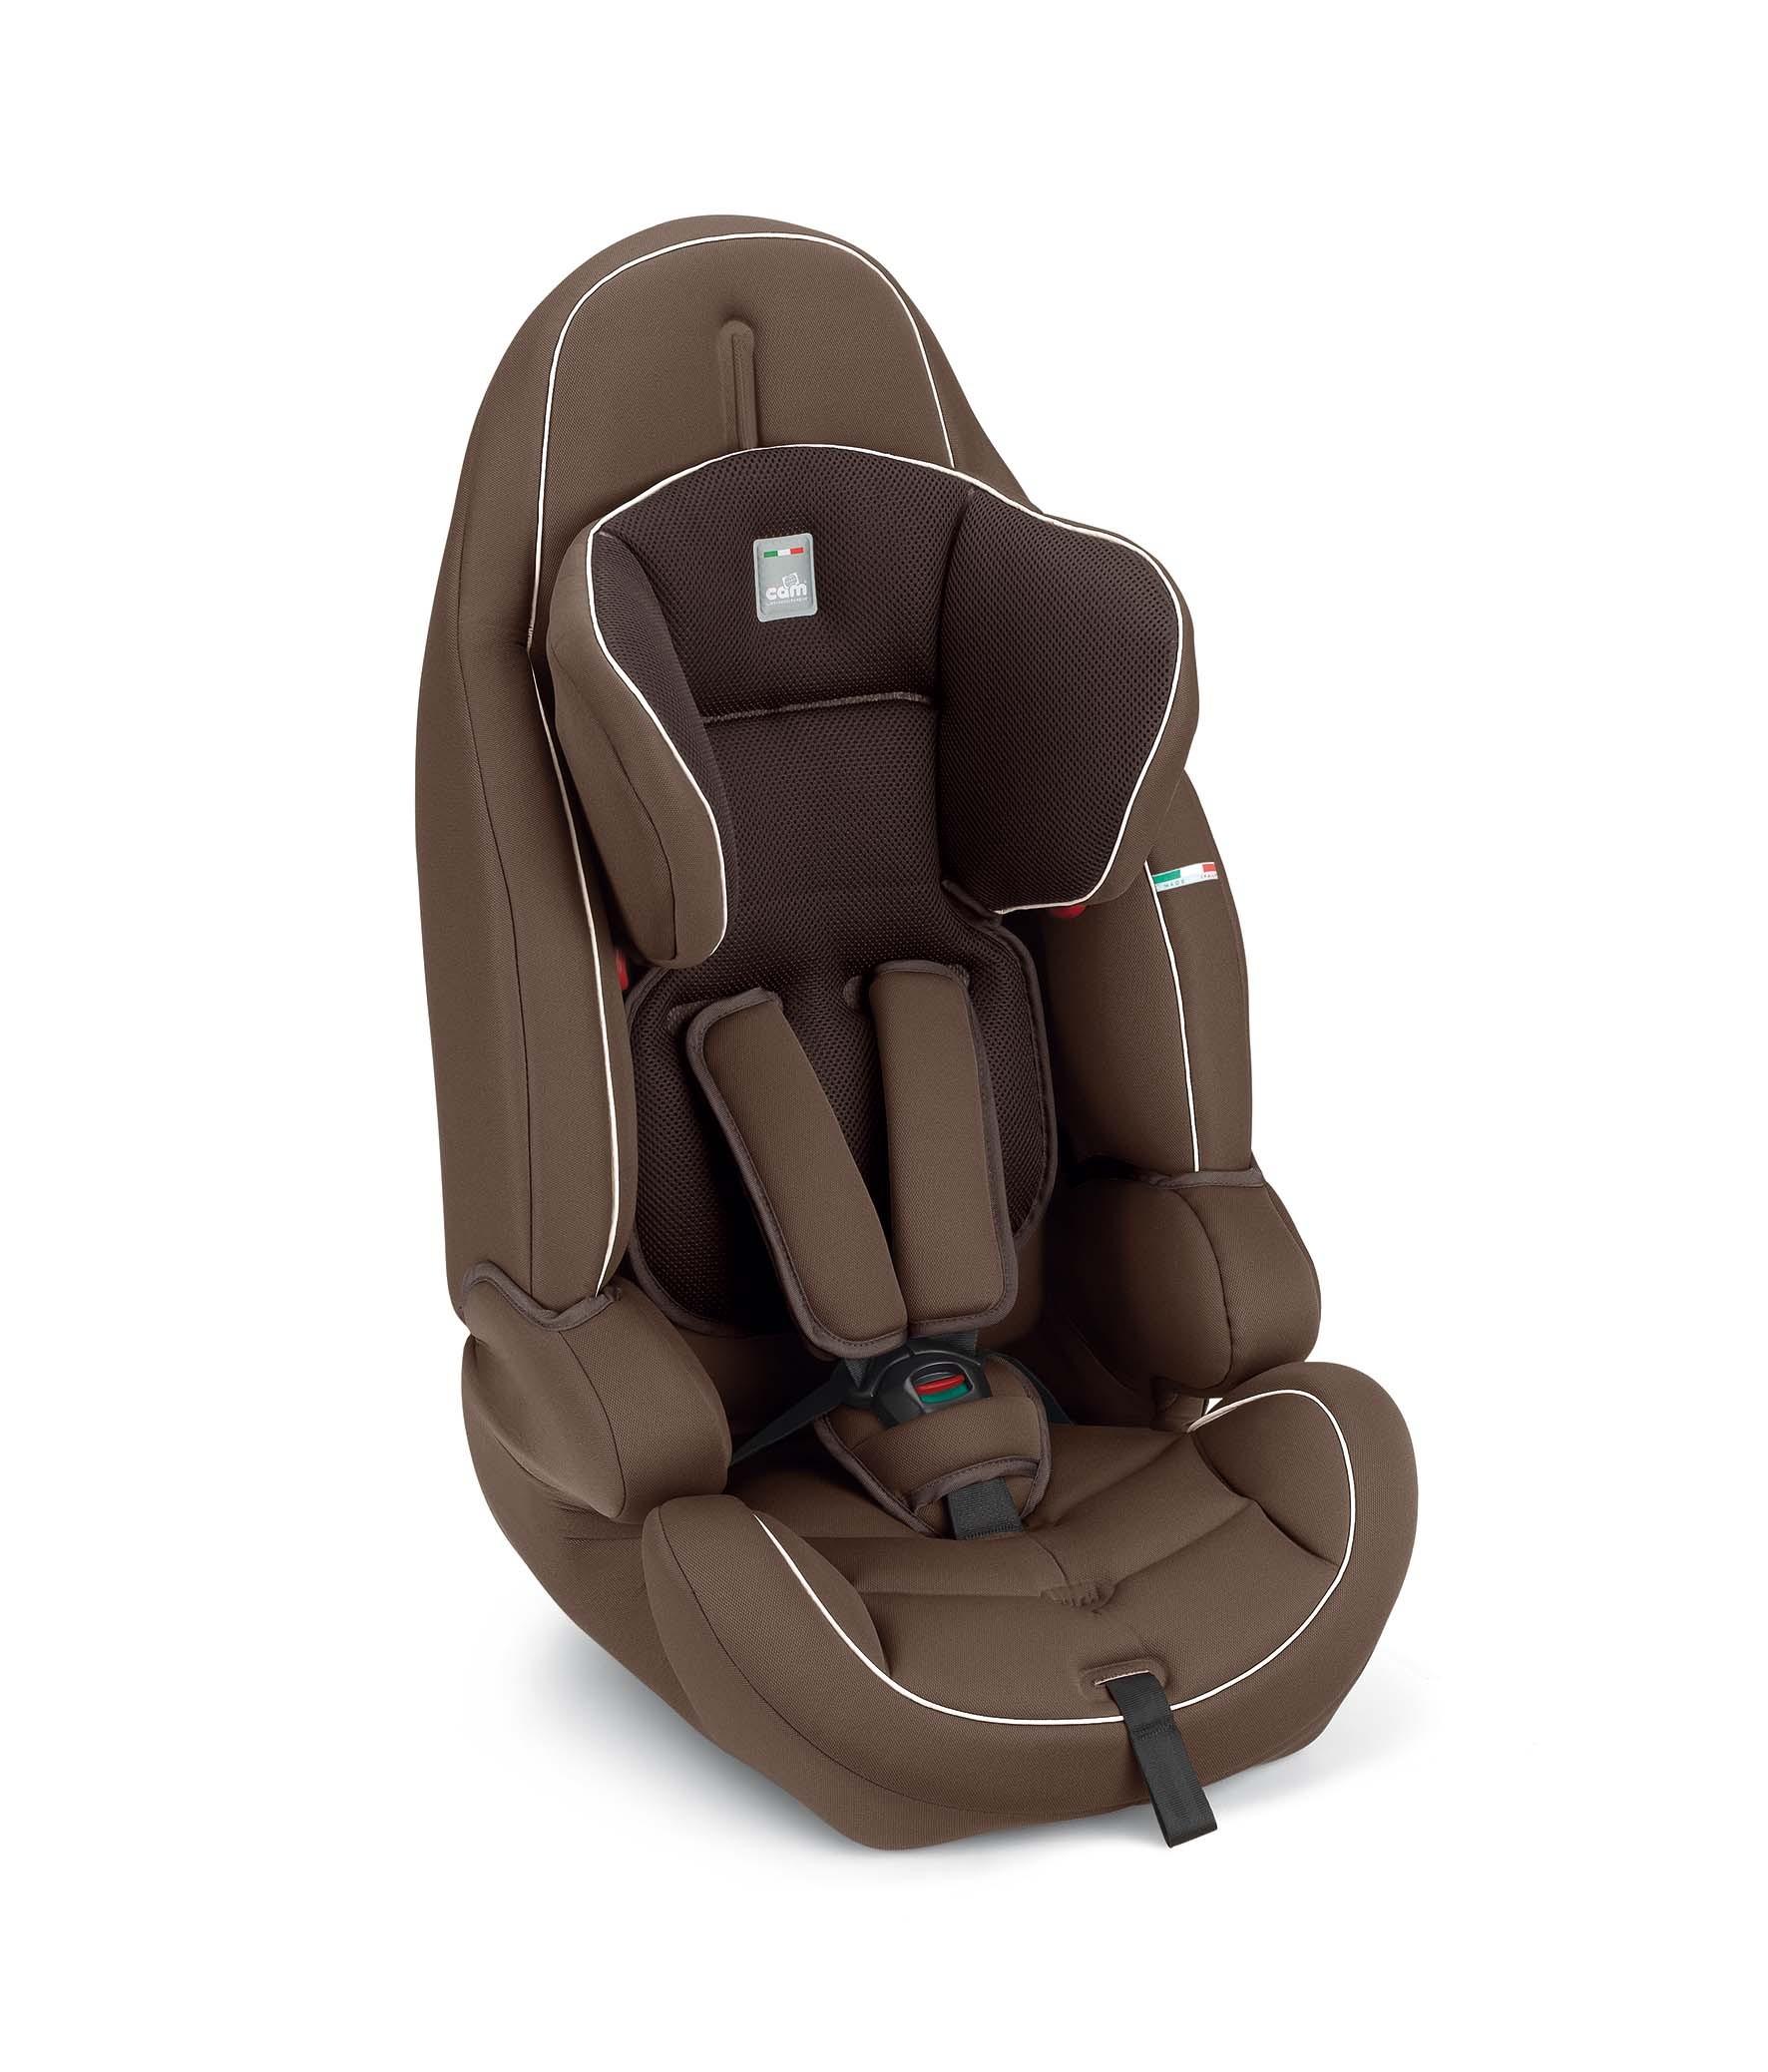 Cam silla de auto le mans for Silla para auto 8 anos